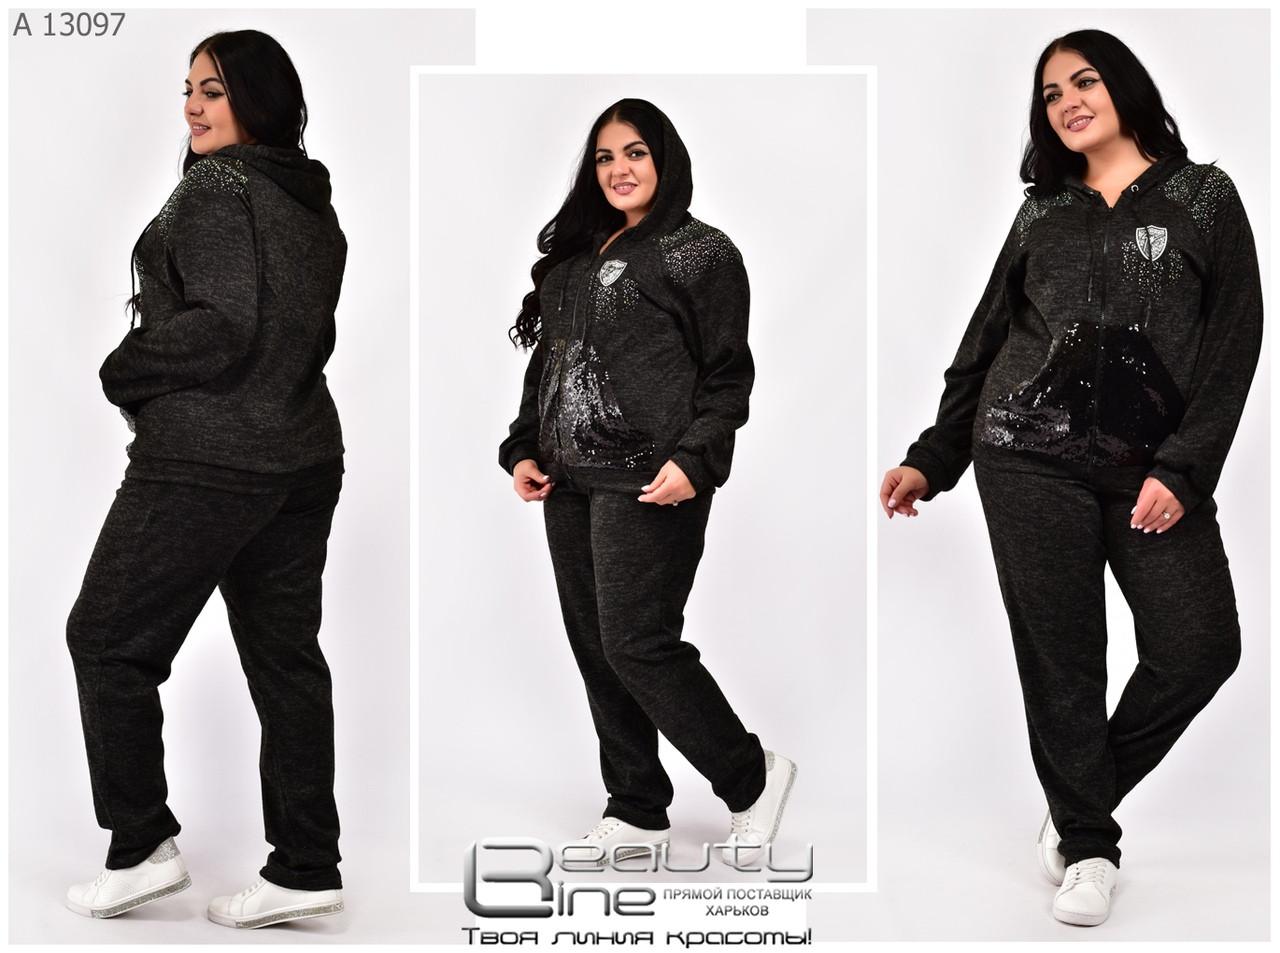 Женский прогулочный костюм большого размера : 54.56.58.60.62.64.66.68.70.72